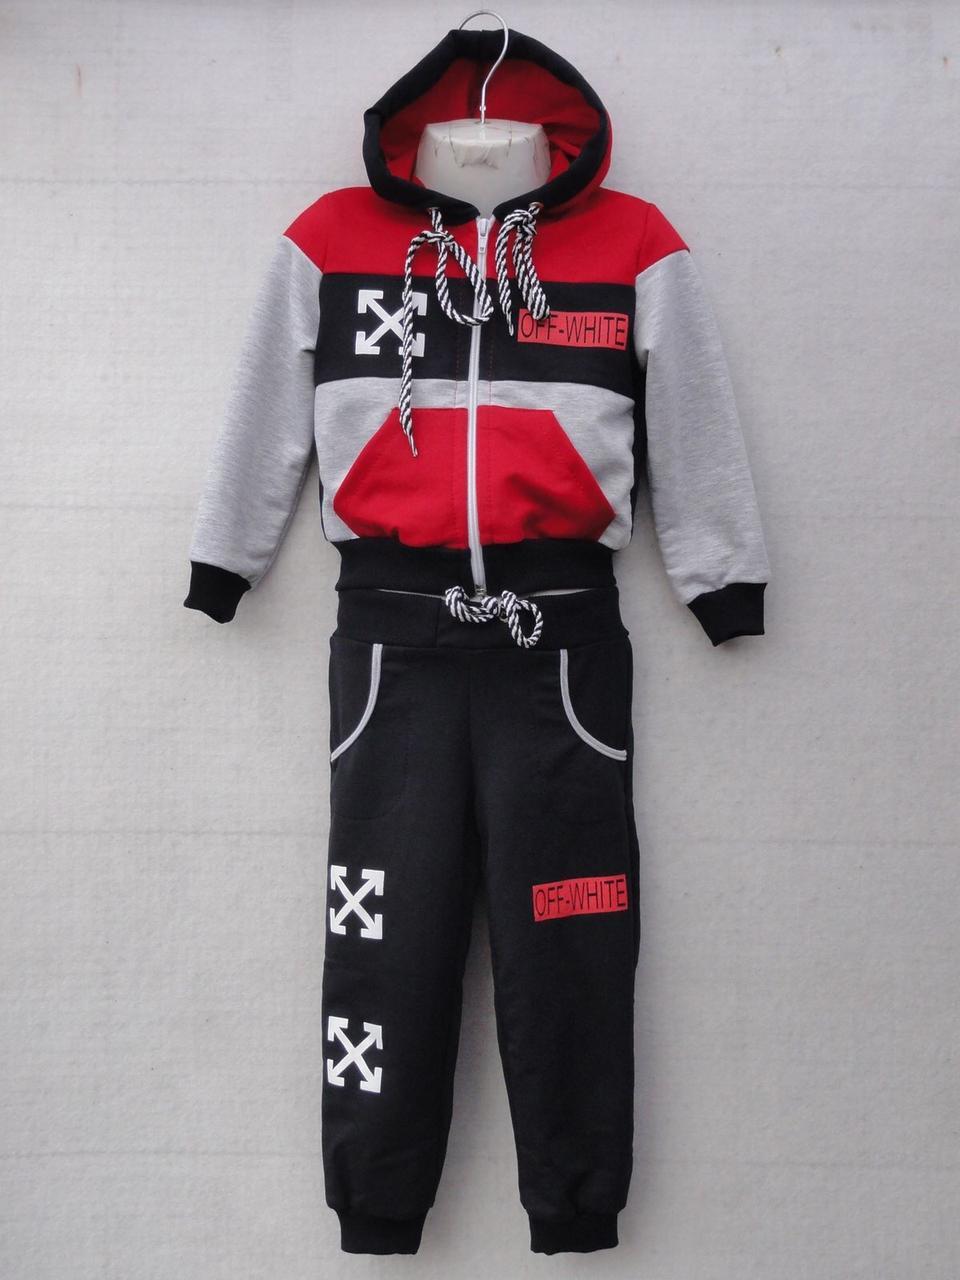 """Спортивный костюм детский """"Off White реплика"""". Возраст 1-4 года. Красный с черным. Оптом"""